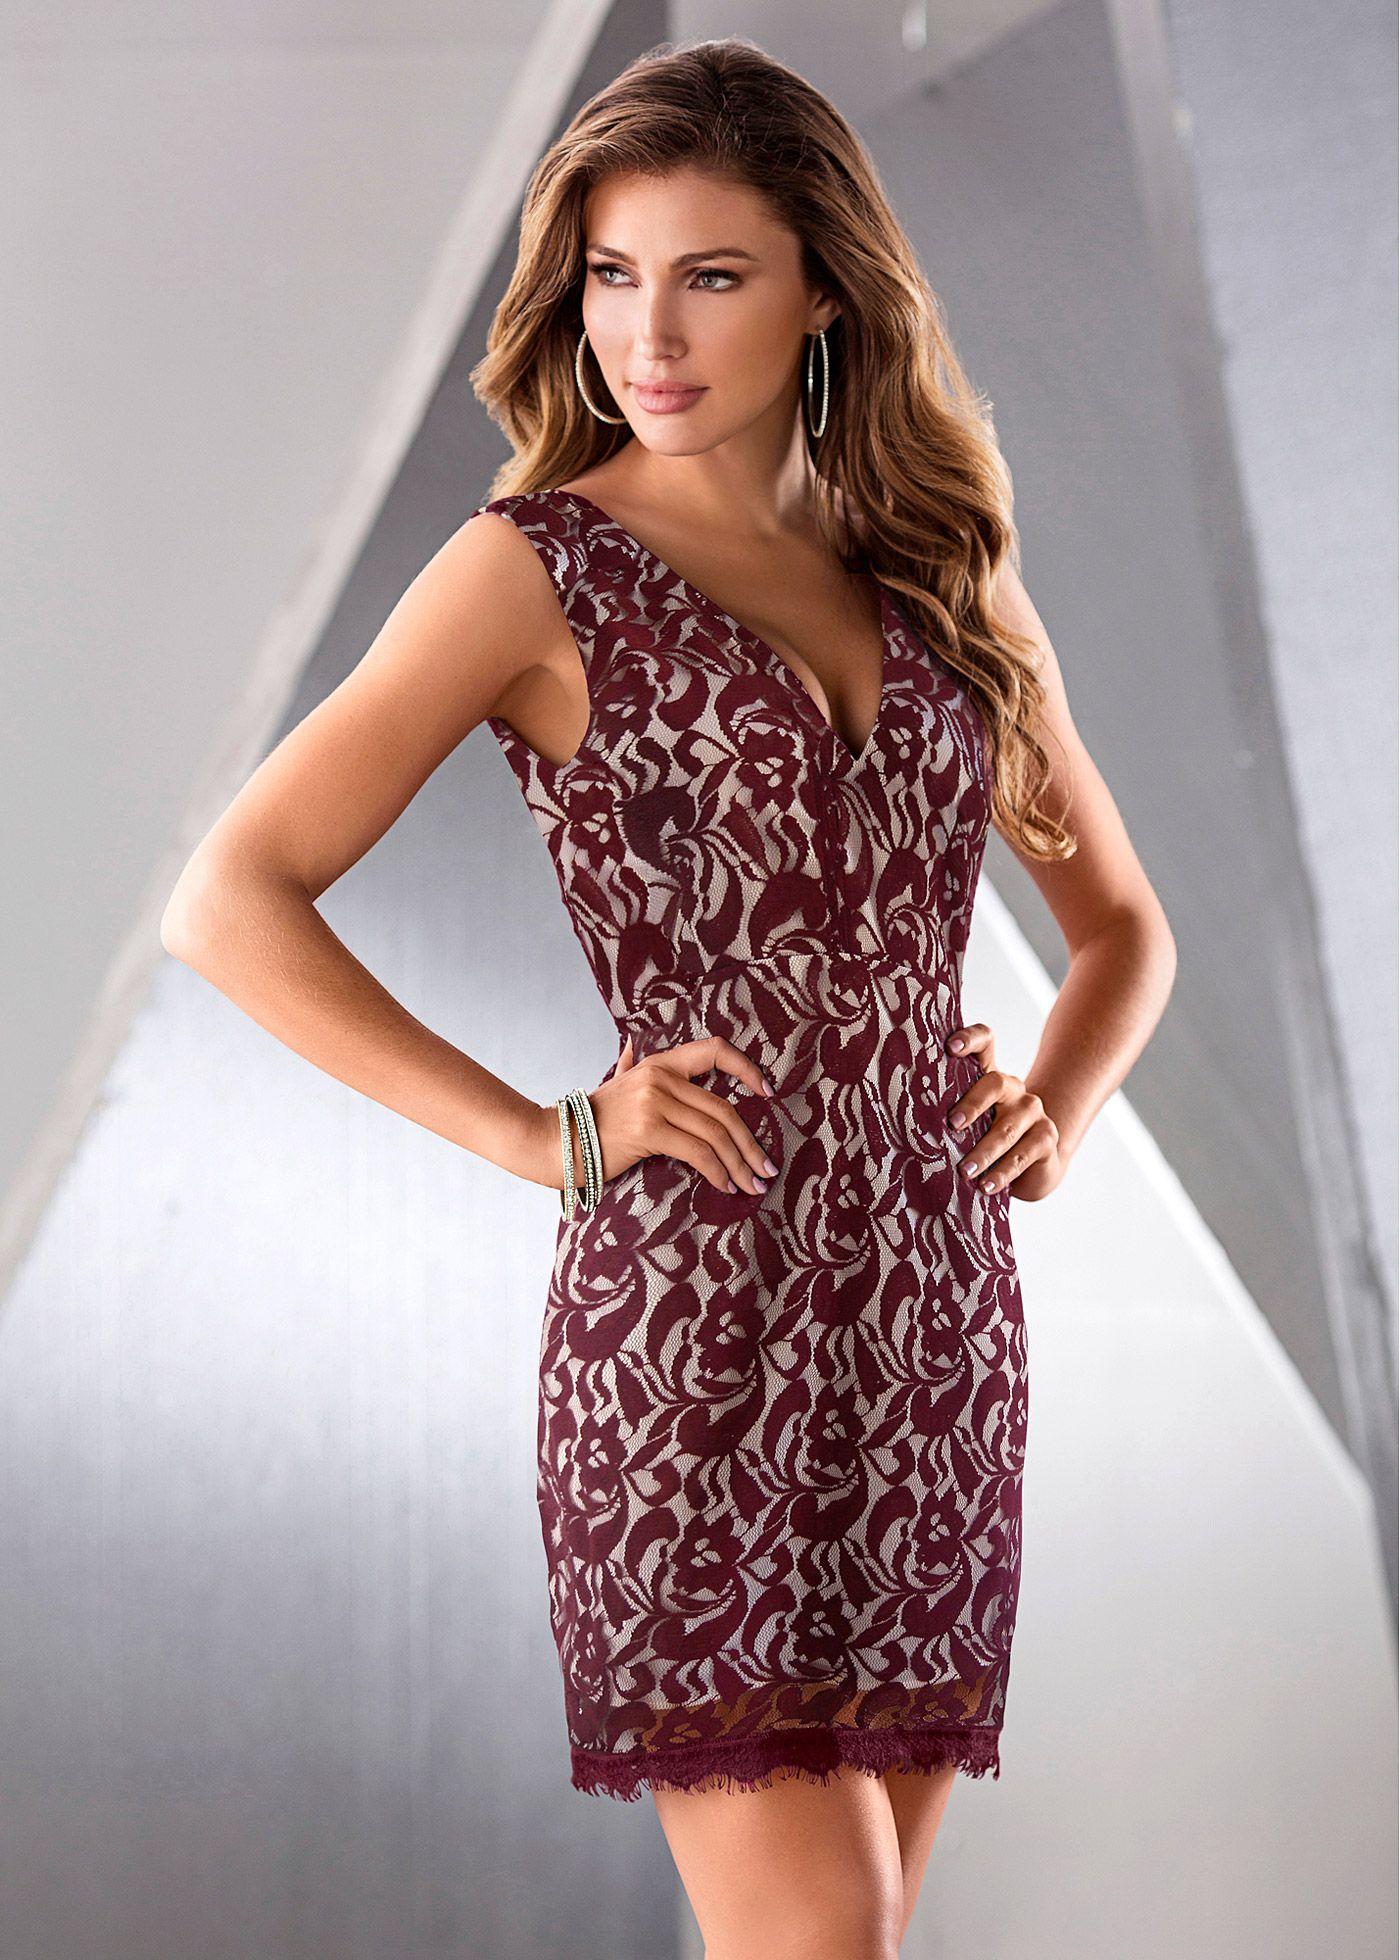 5c7d1e595c Vestido tubinho em renda amora encomendar agora na loja on-line bonprix.de  R  89